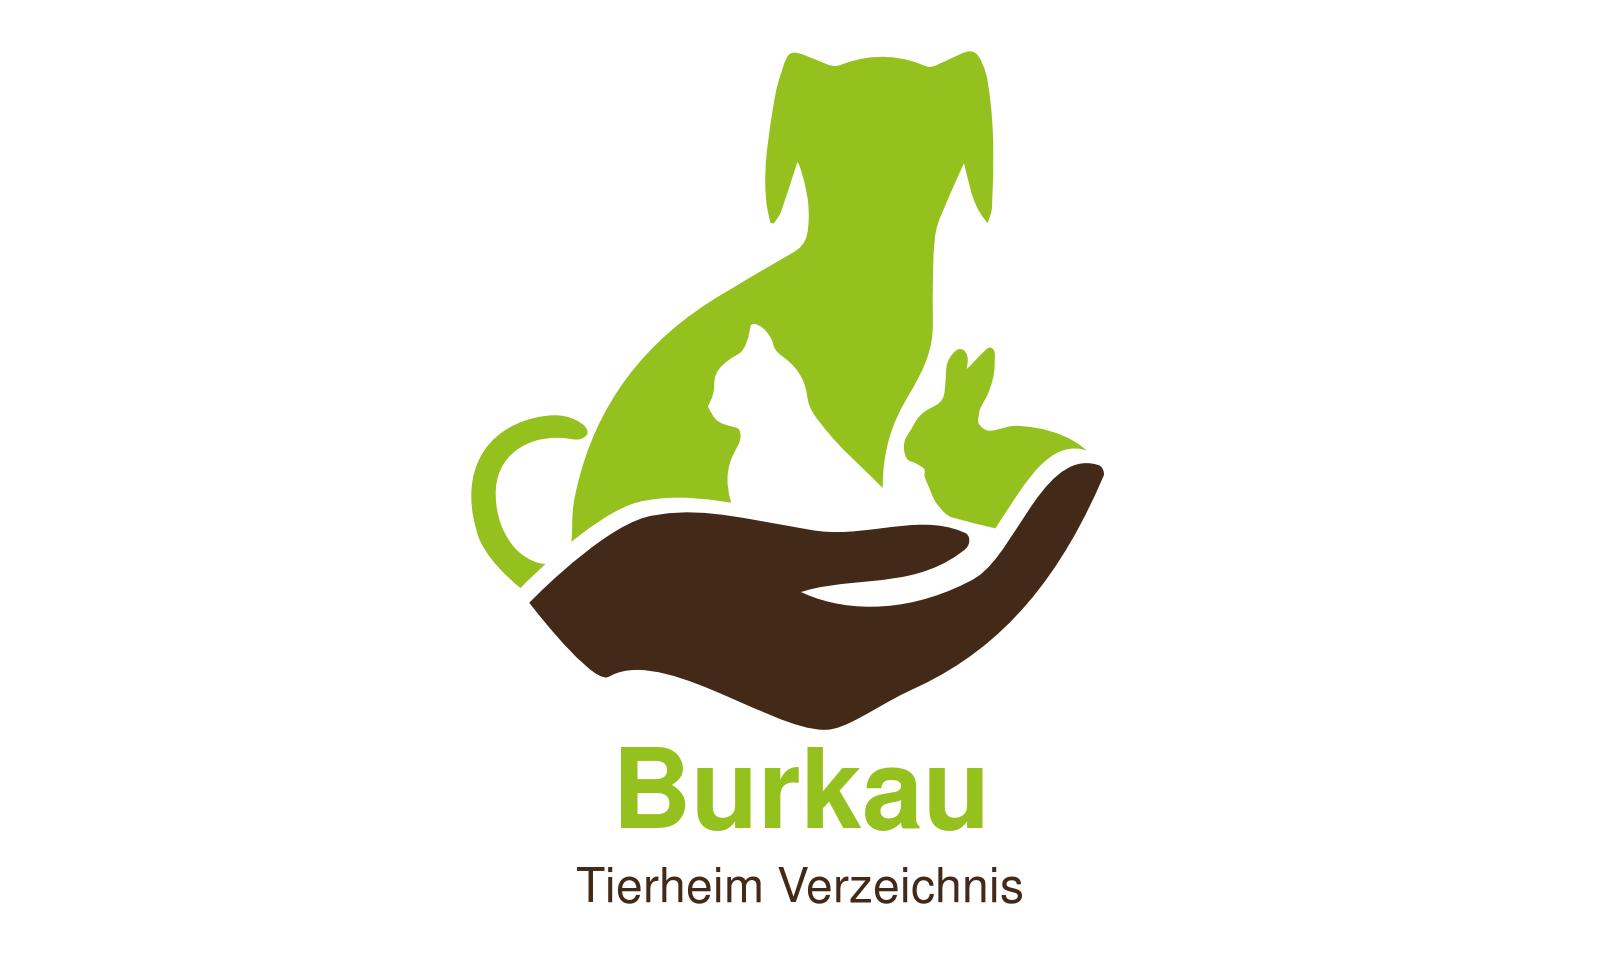 Tierheim Burkau